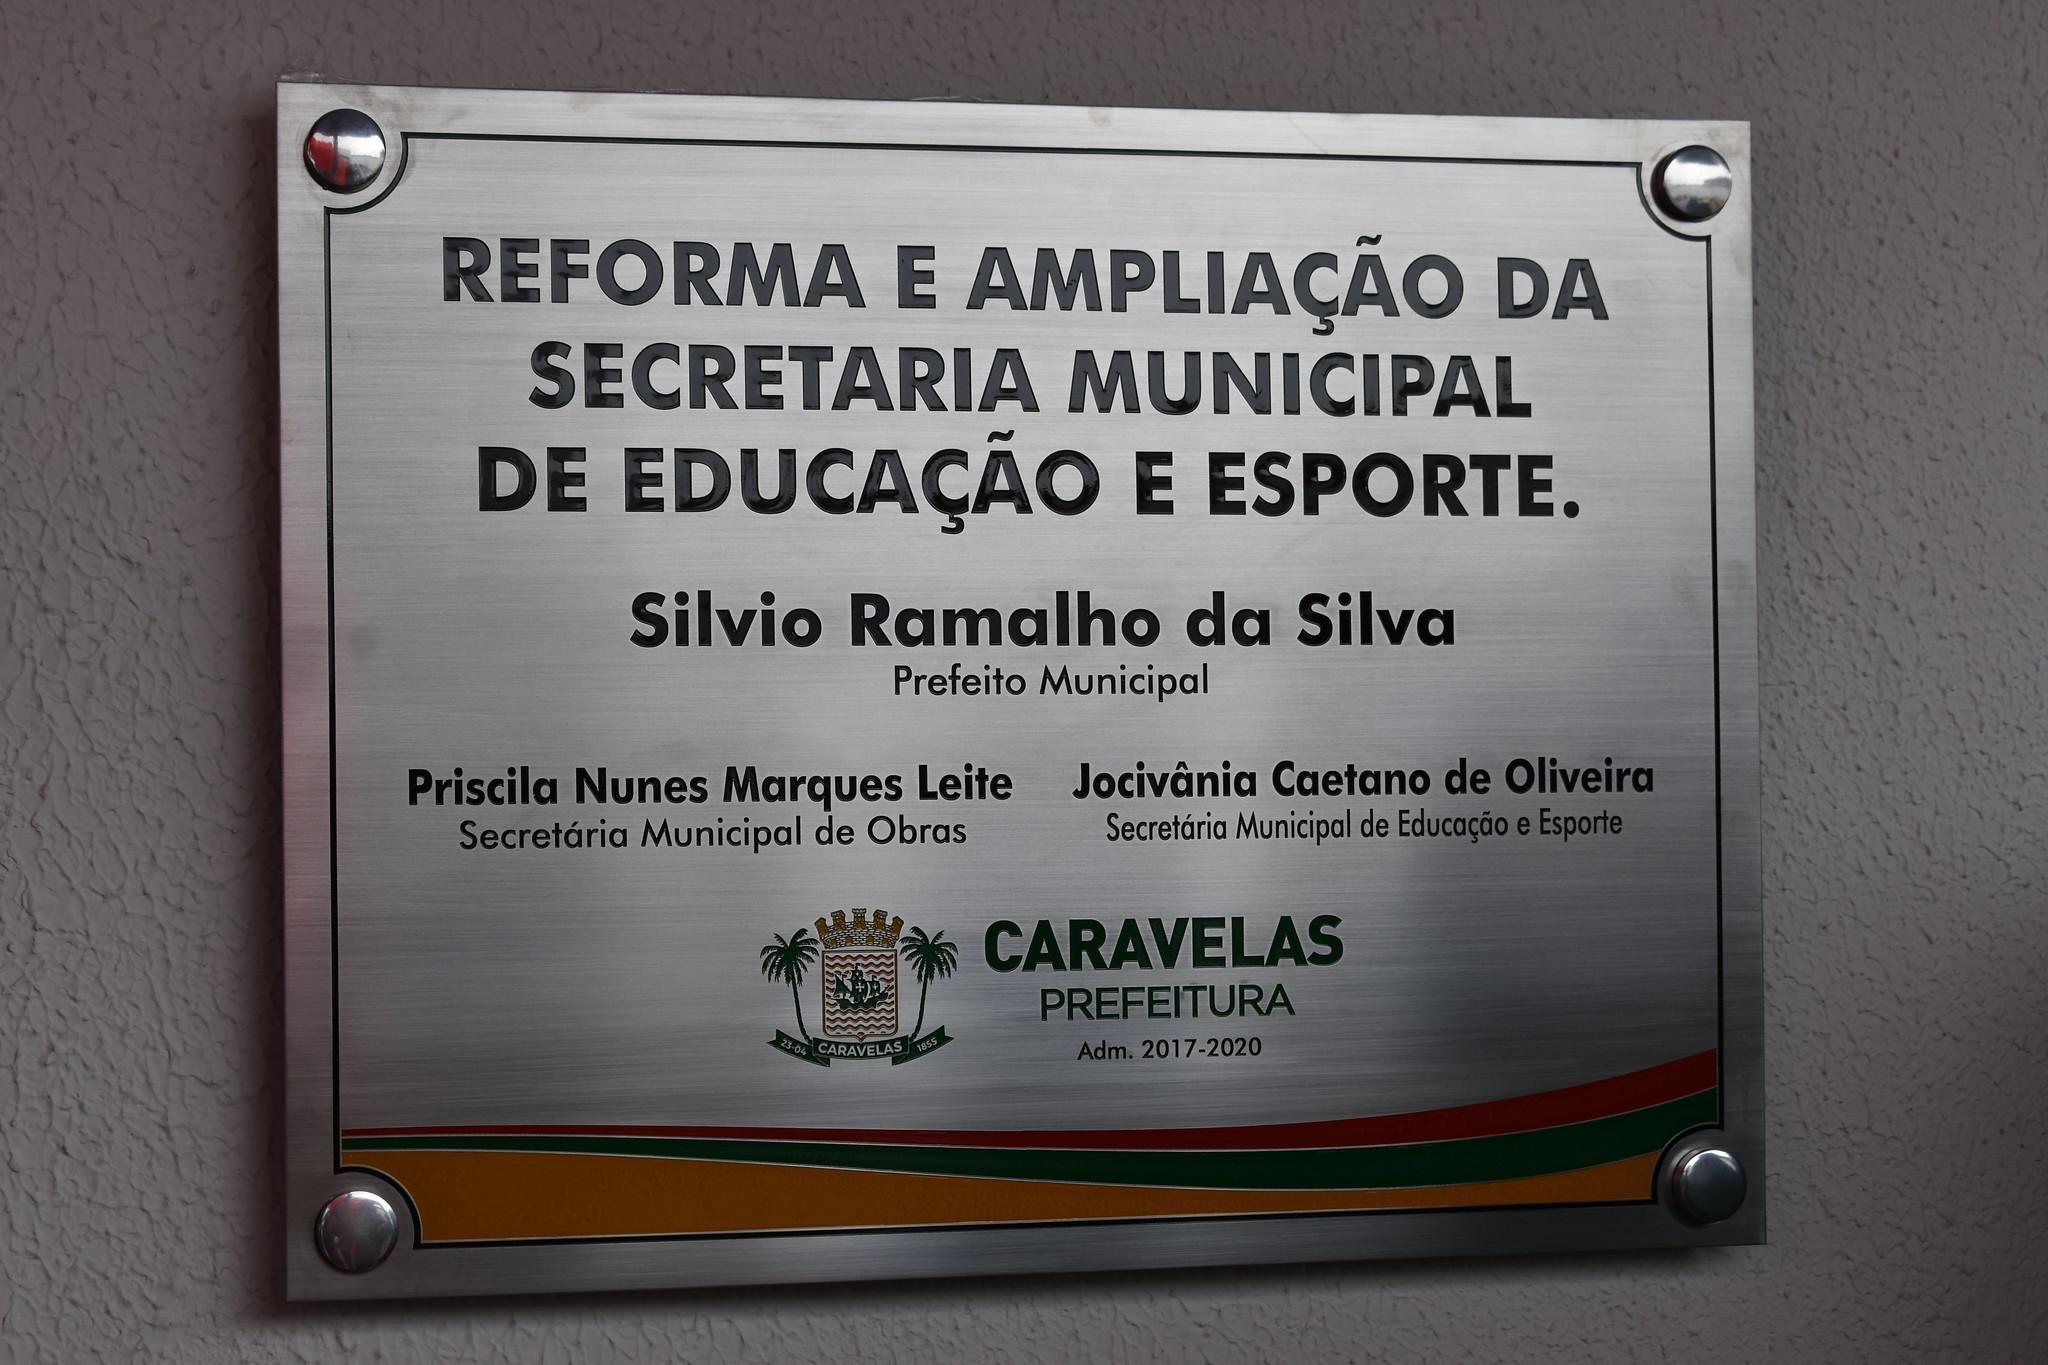 Placa da reforma e ampliação da Secretaria de Educação de Caravelas